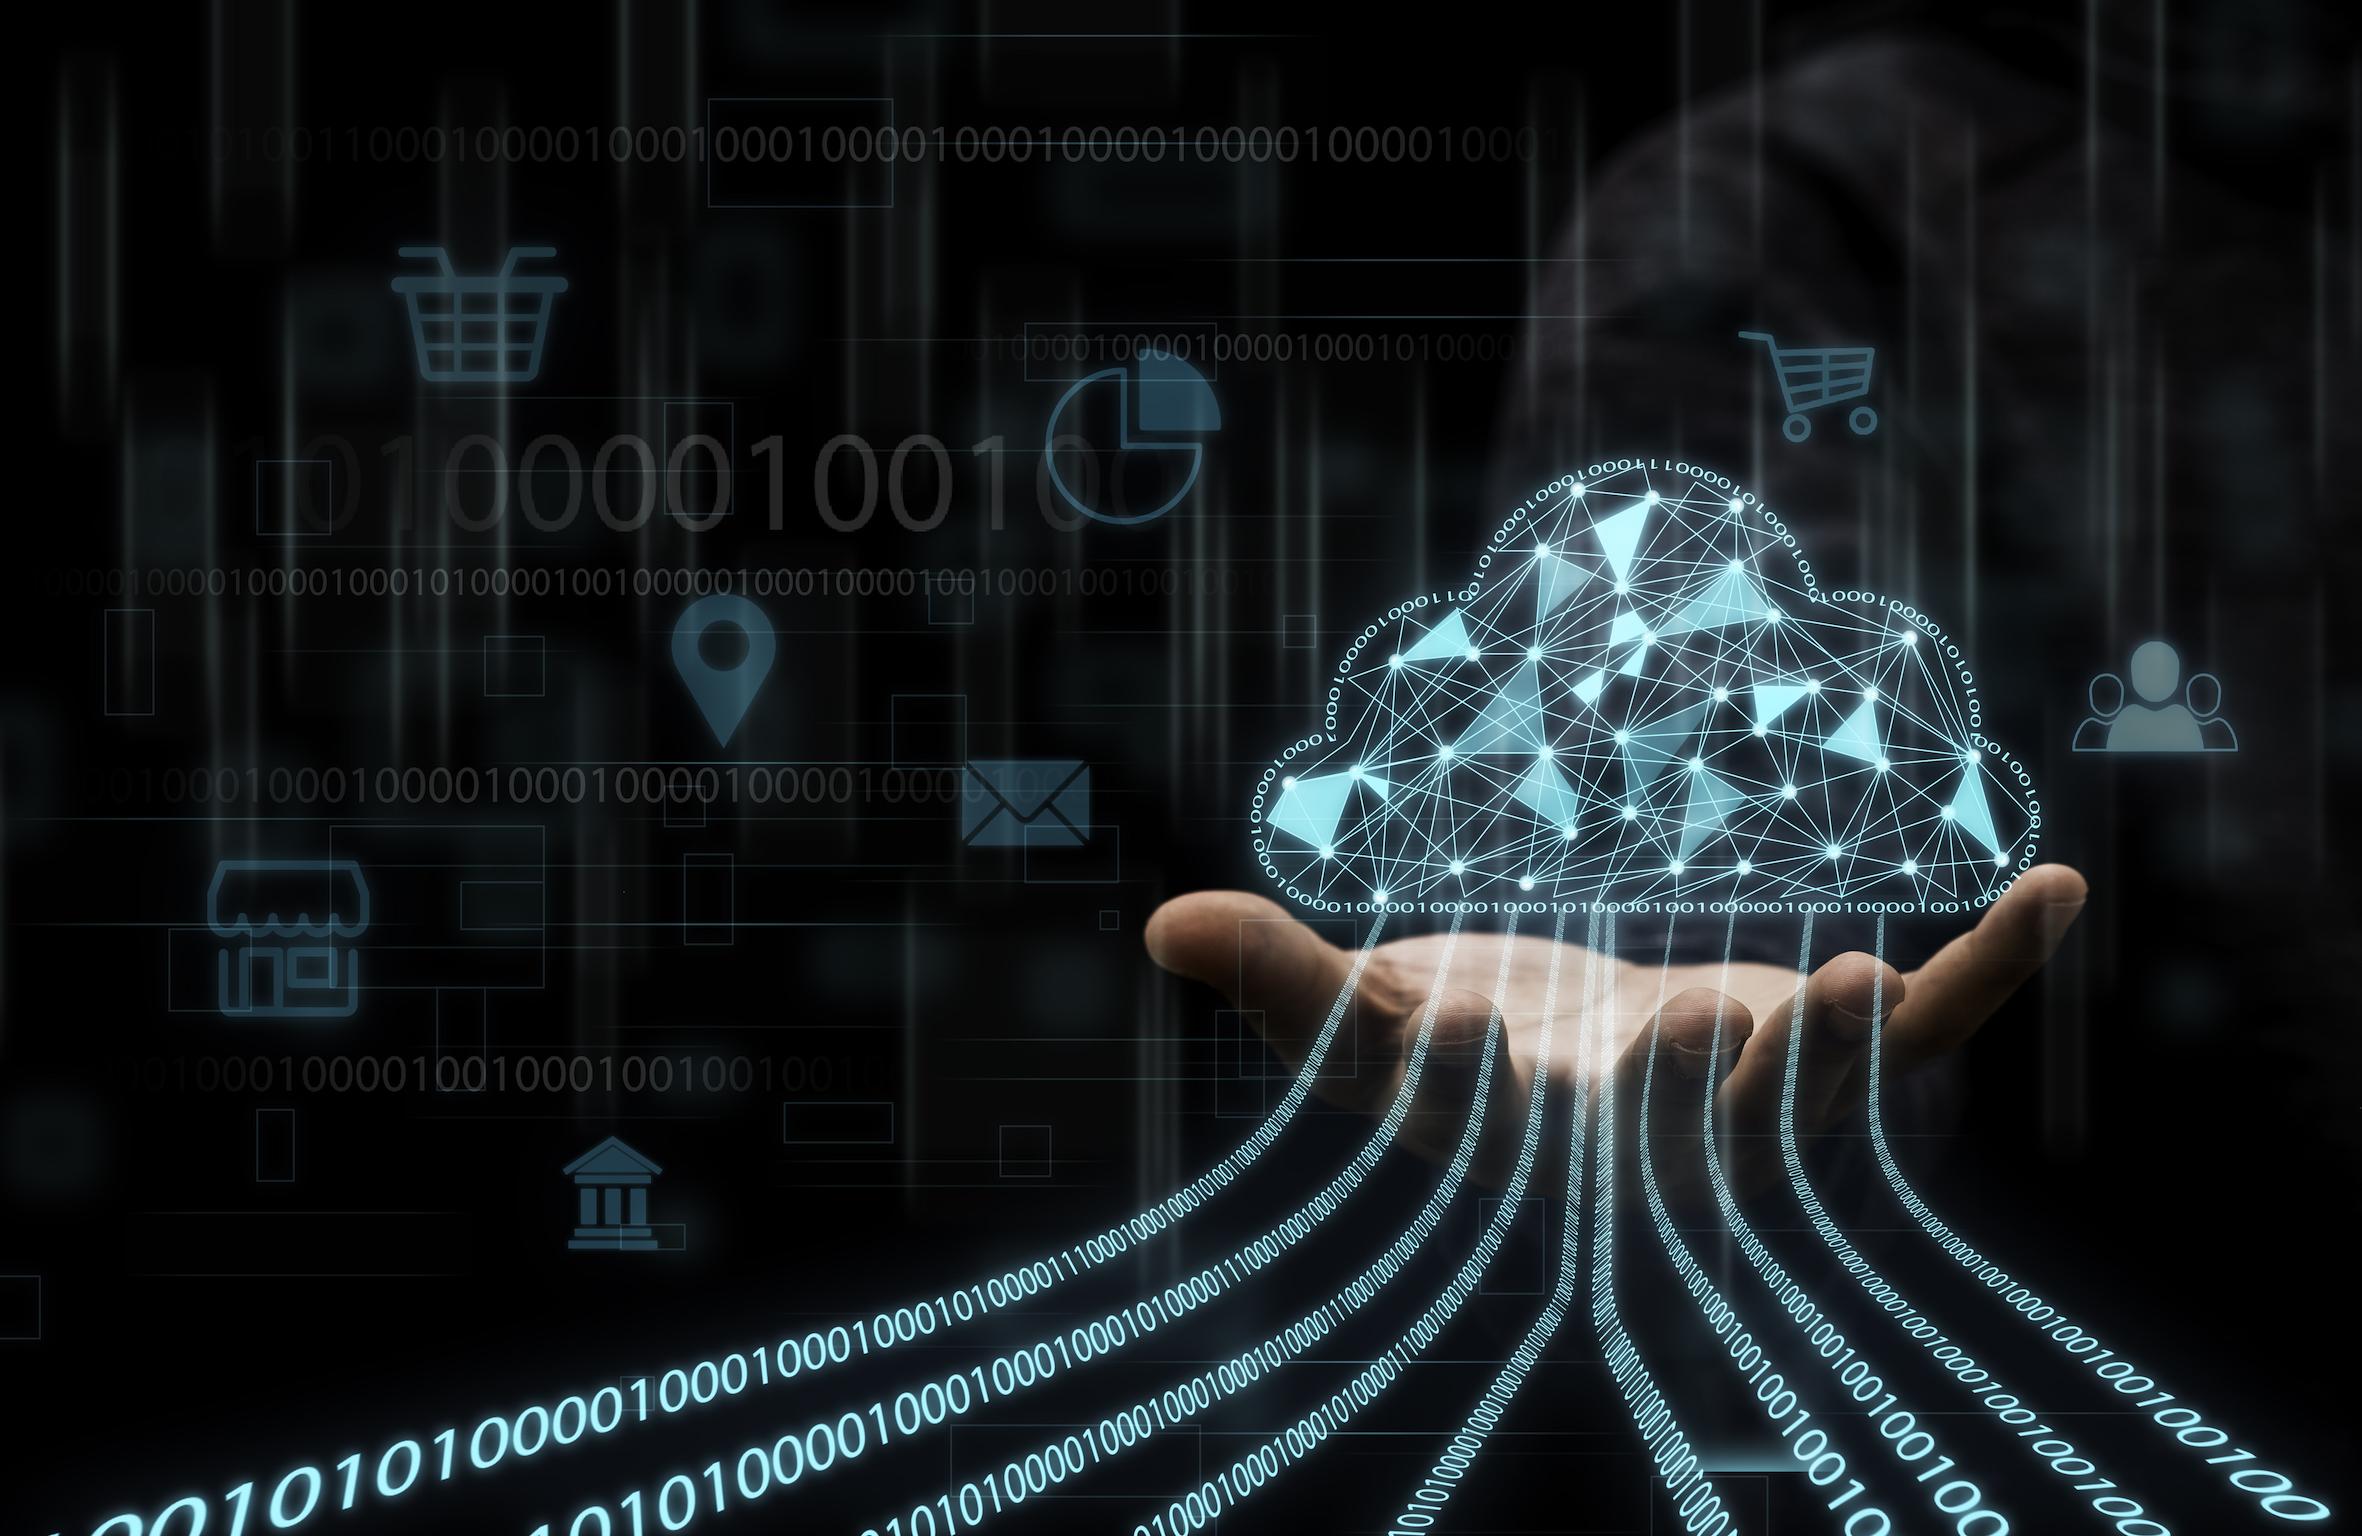 Sigfox lleva las soluciones de IoT a la nube